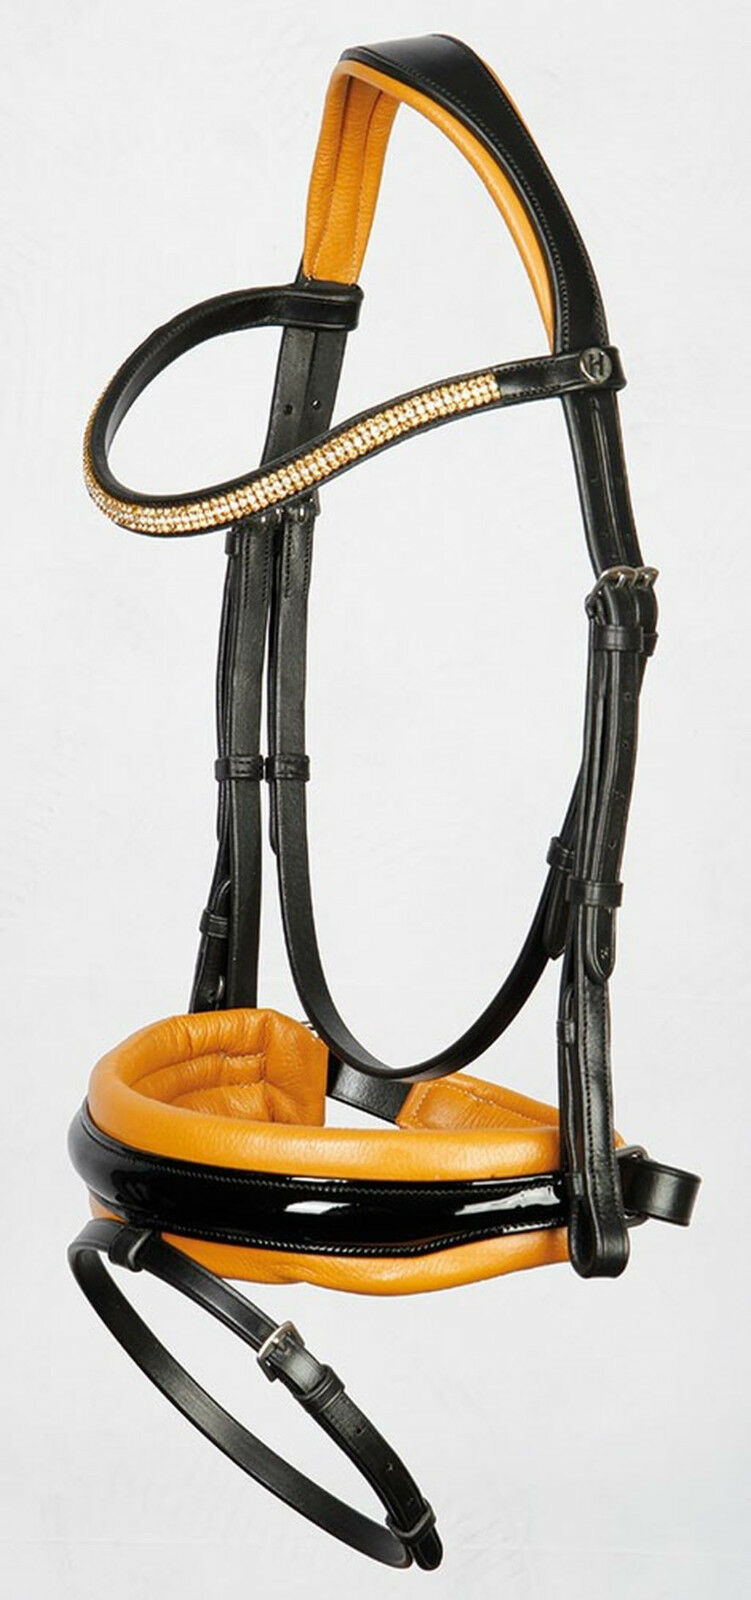 Harry's Horse sueca frenillo silueta de cuero blando de Stravinsky 3 Colors